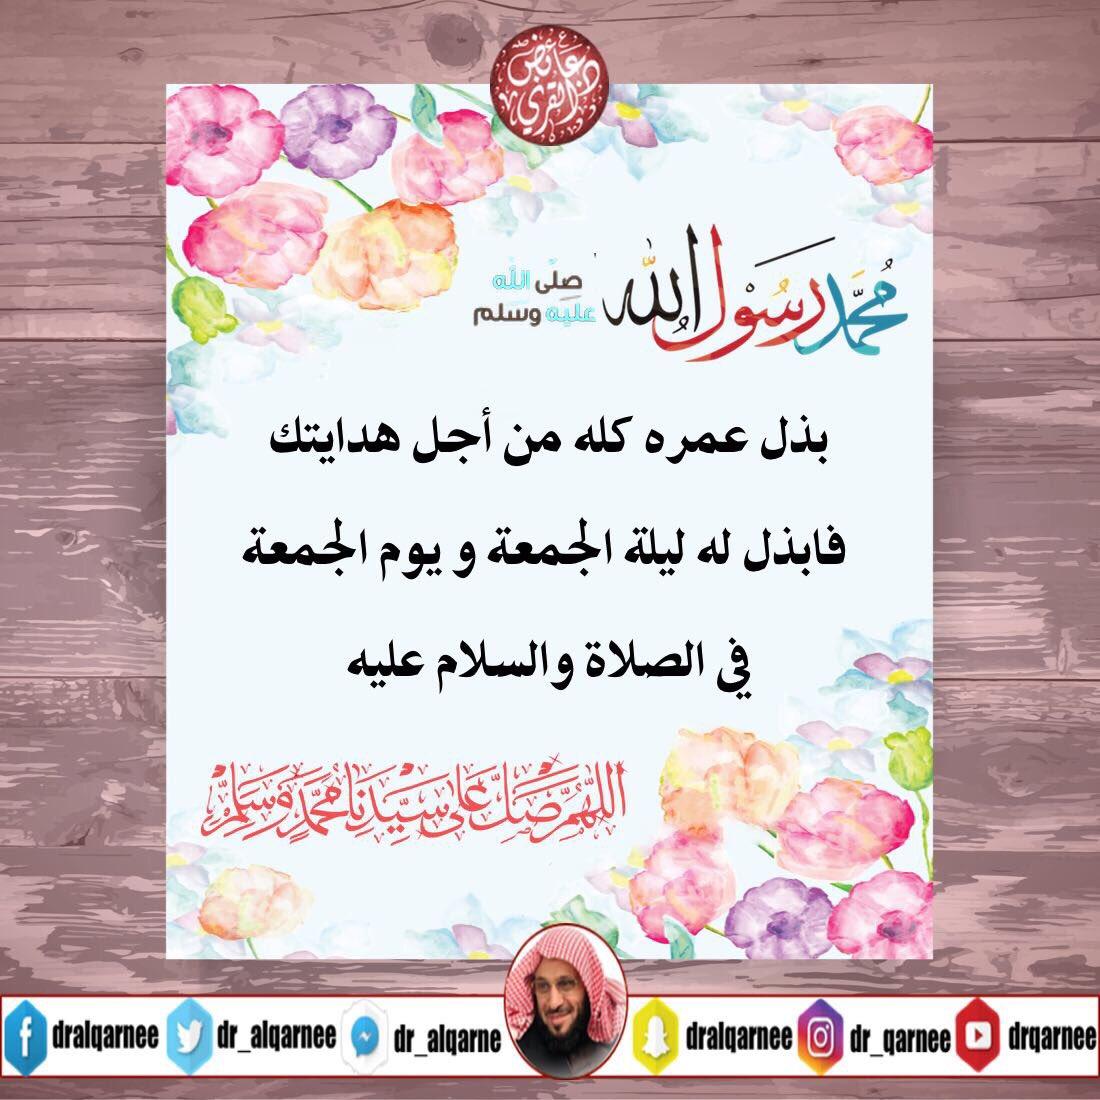 الرسول #ﷺ بذل عمره كله من أجل هدايتك فابذل له #ليلة_الجمعة و #يوم_الجم...